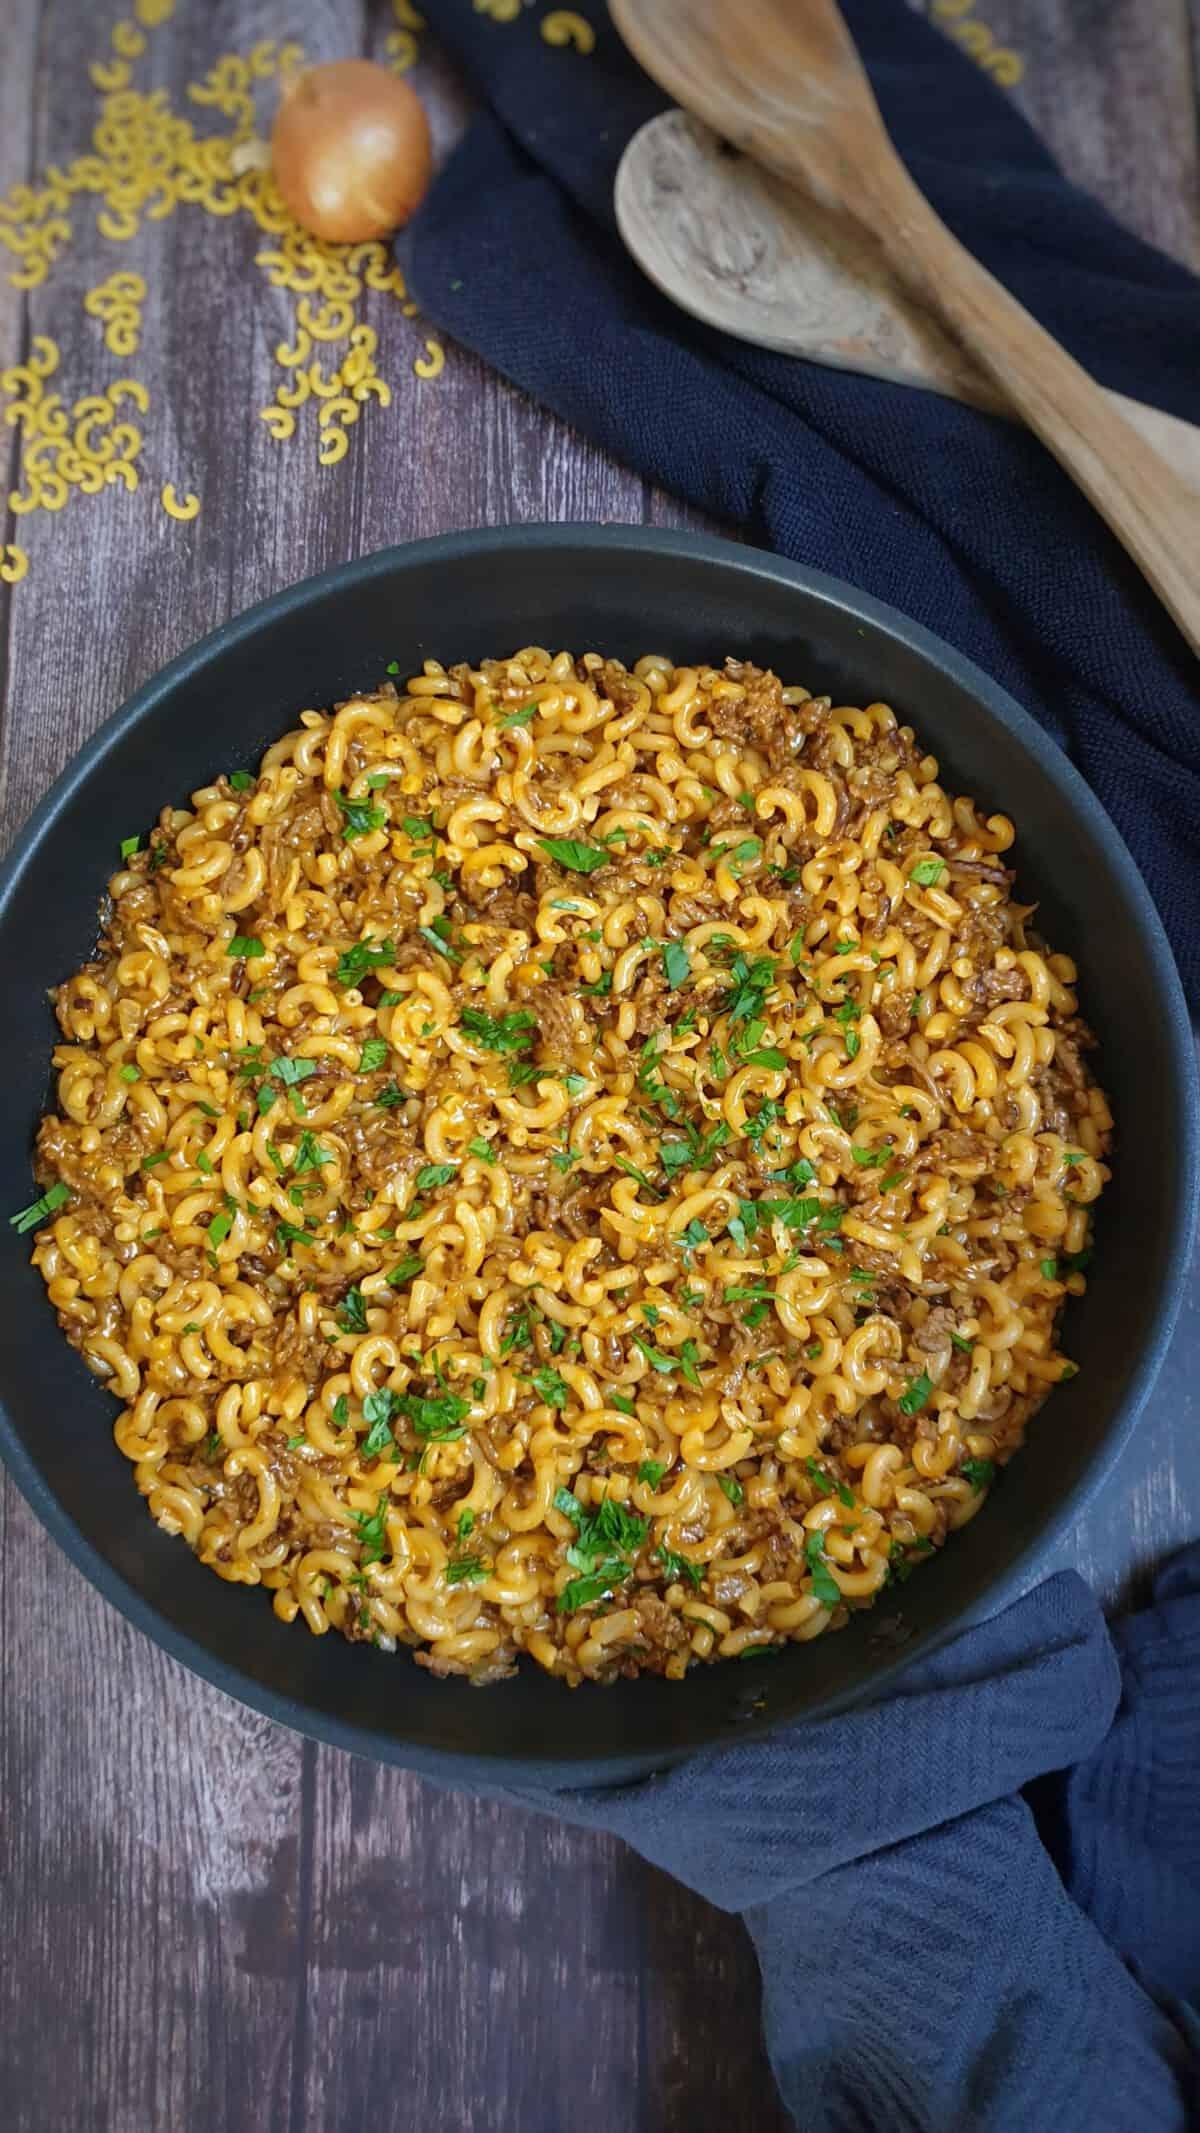 One Pot Pasta mit Hackfleisch und Gabelspaghetti in einer Pfanne. Mit Petersilie bestreut.